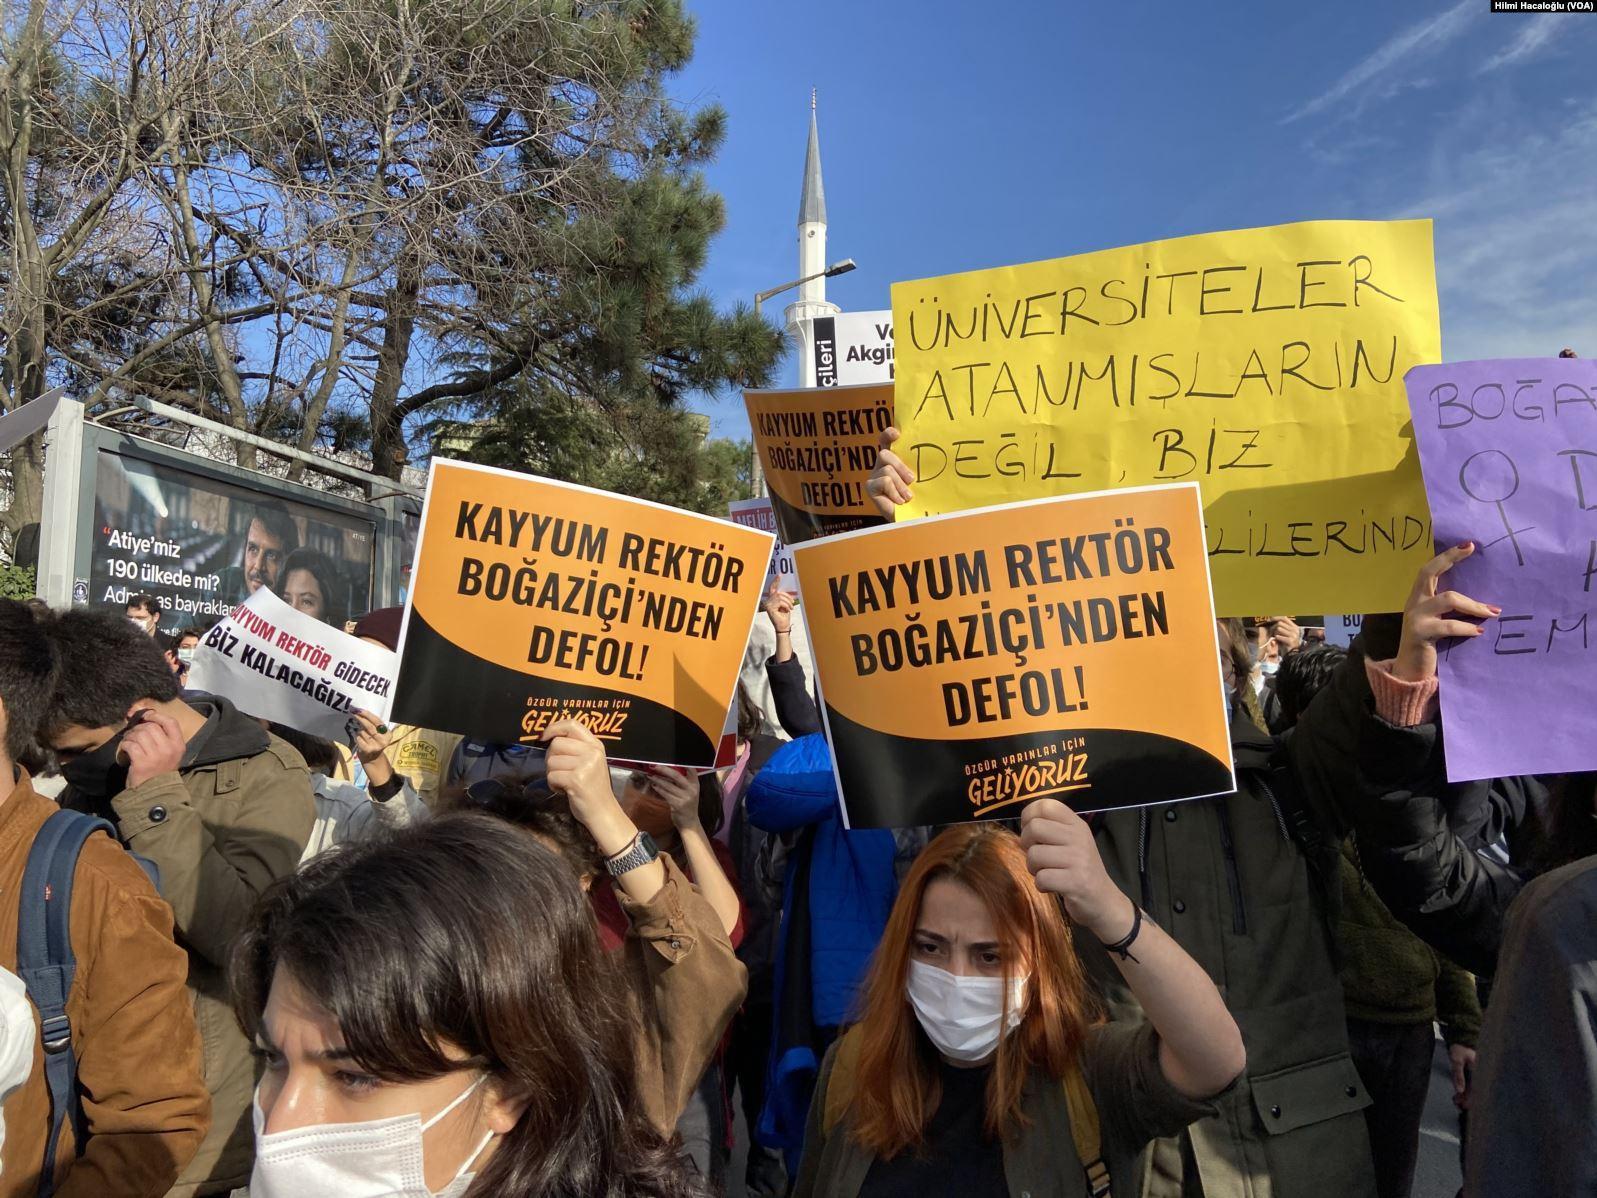 Boğaziçili öğrenciler tekrar Kadıköy'de buluştu: Kabul etmiyoruz, vazgeçmiyoruz